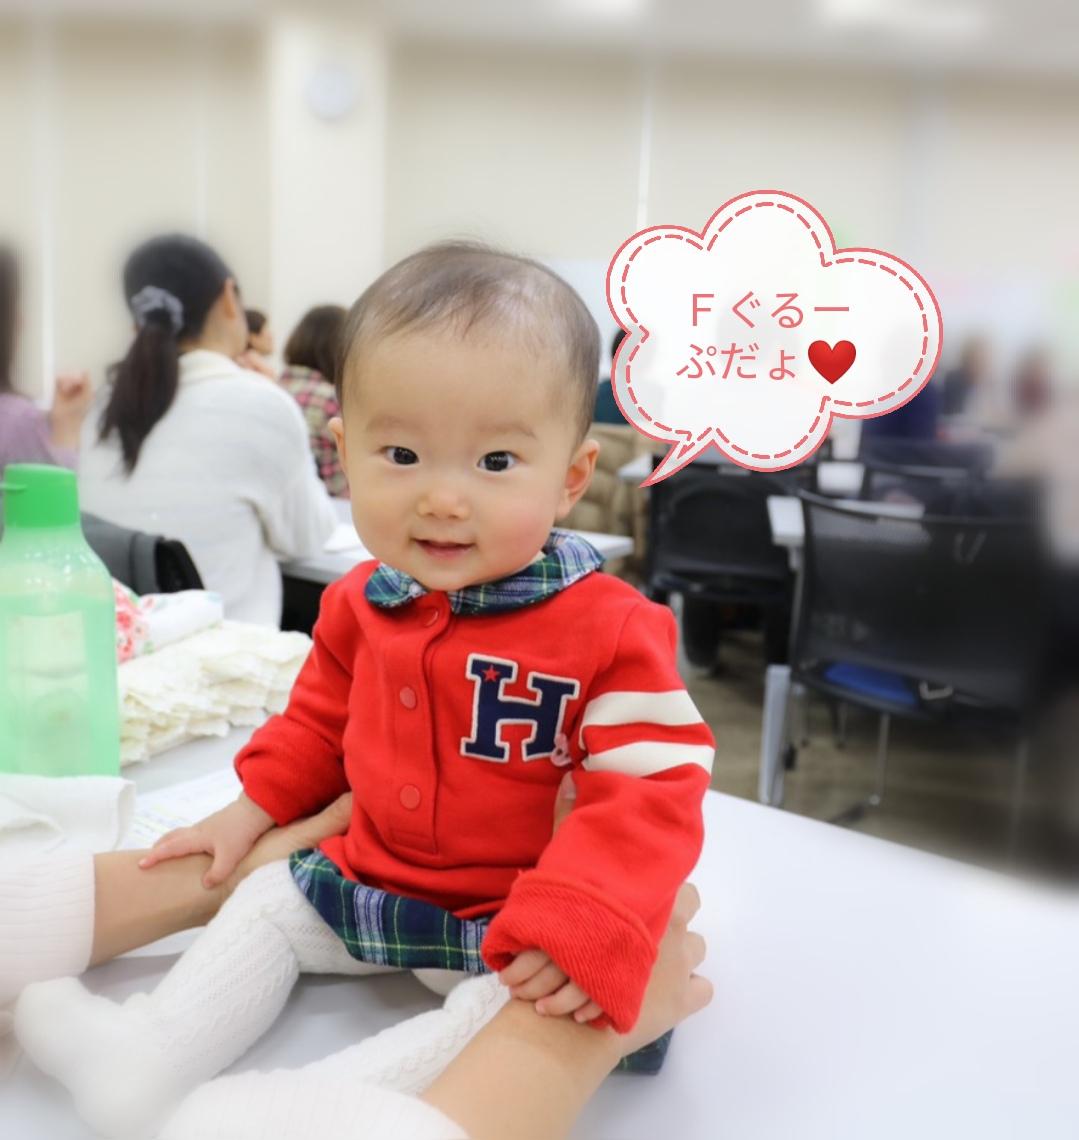 2019.12.17. 1010HAPPY藤沢クラス Fグループ